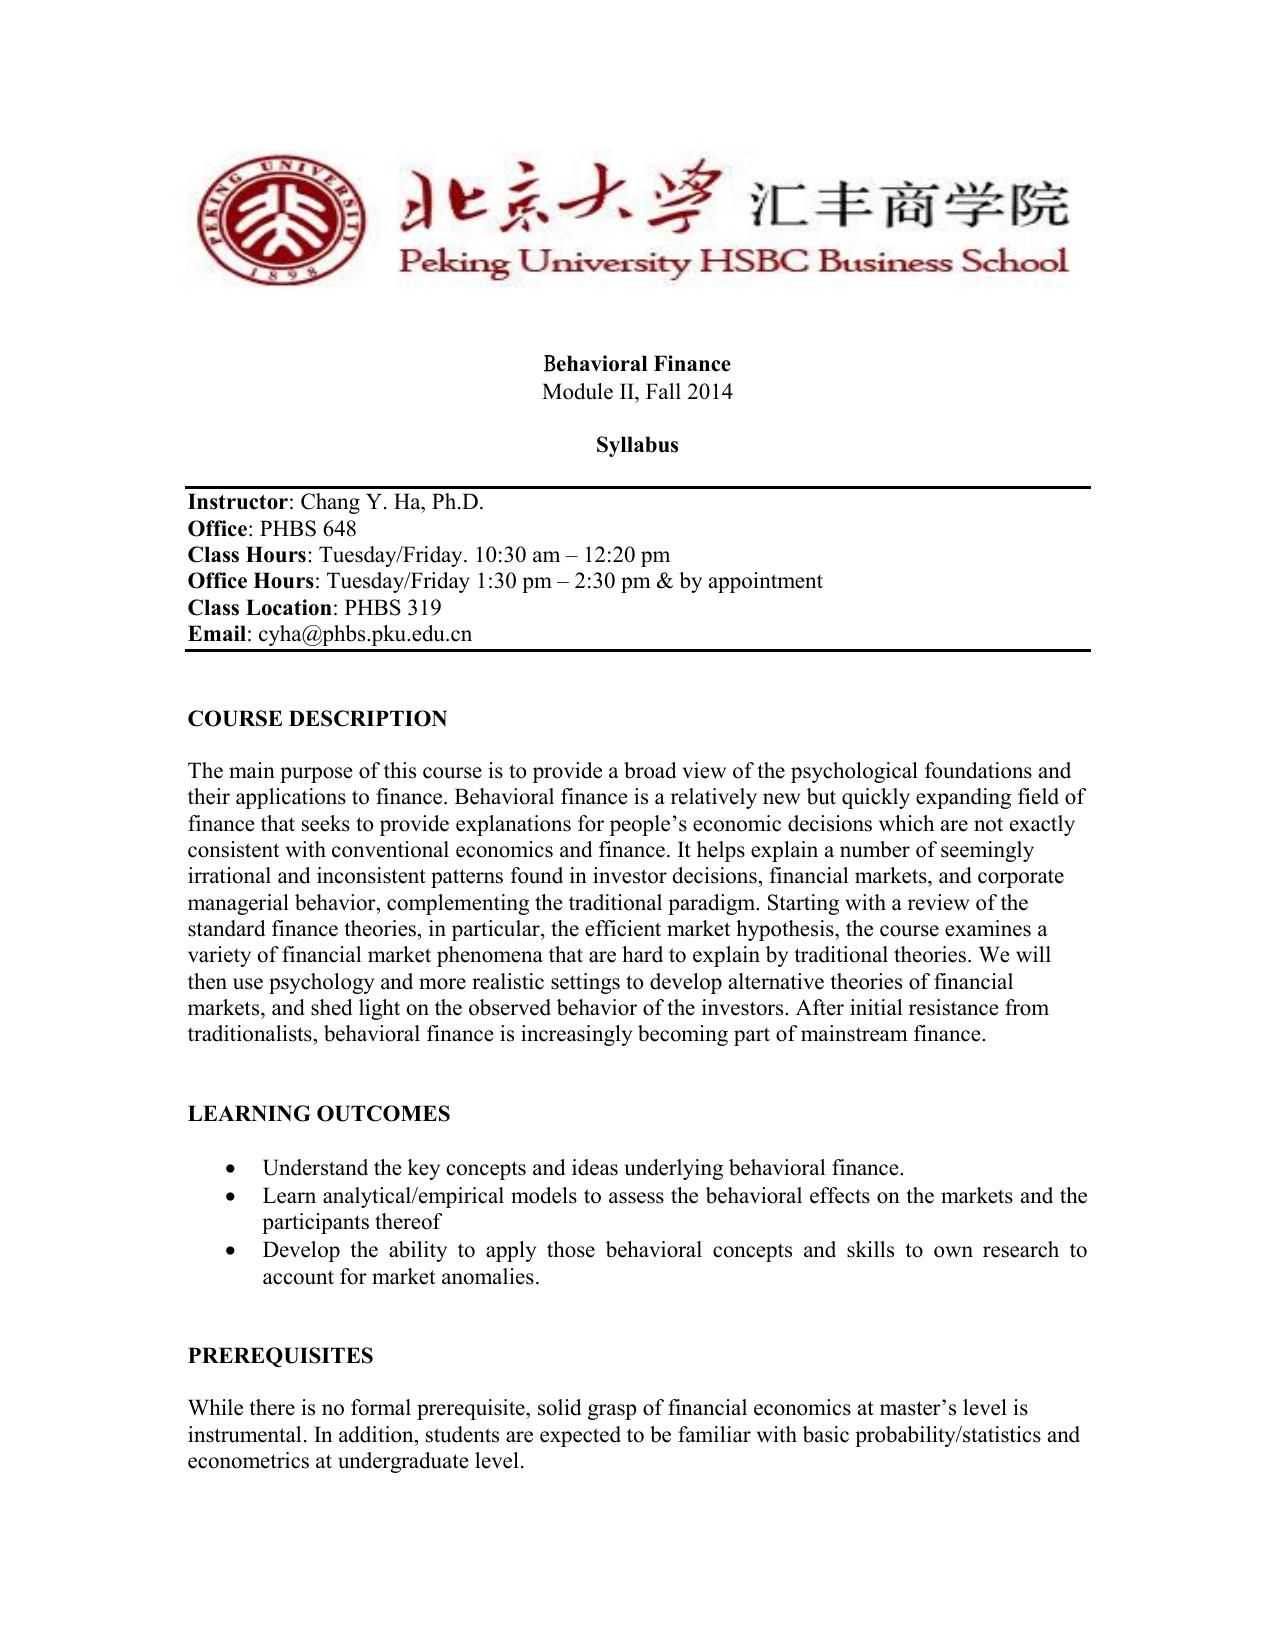 financial economics research paper topics